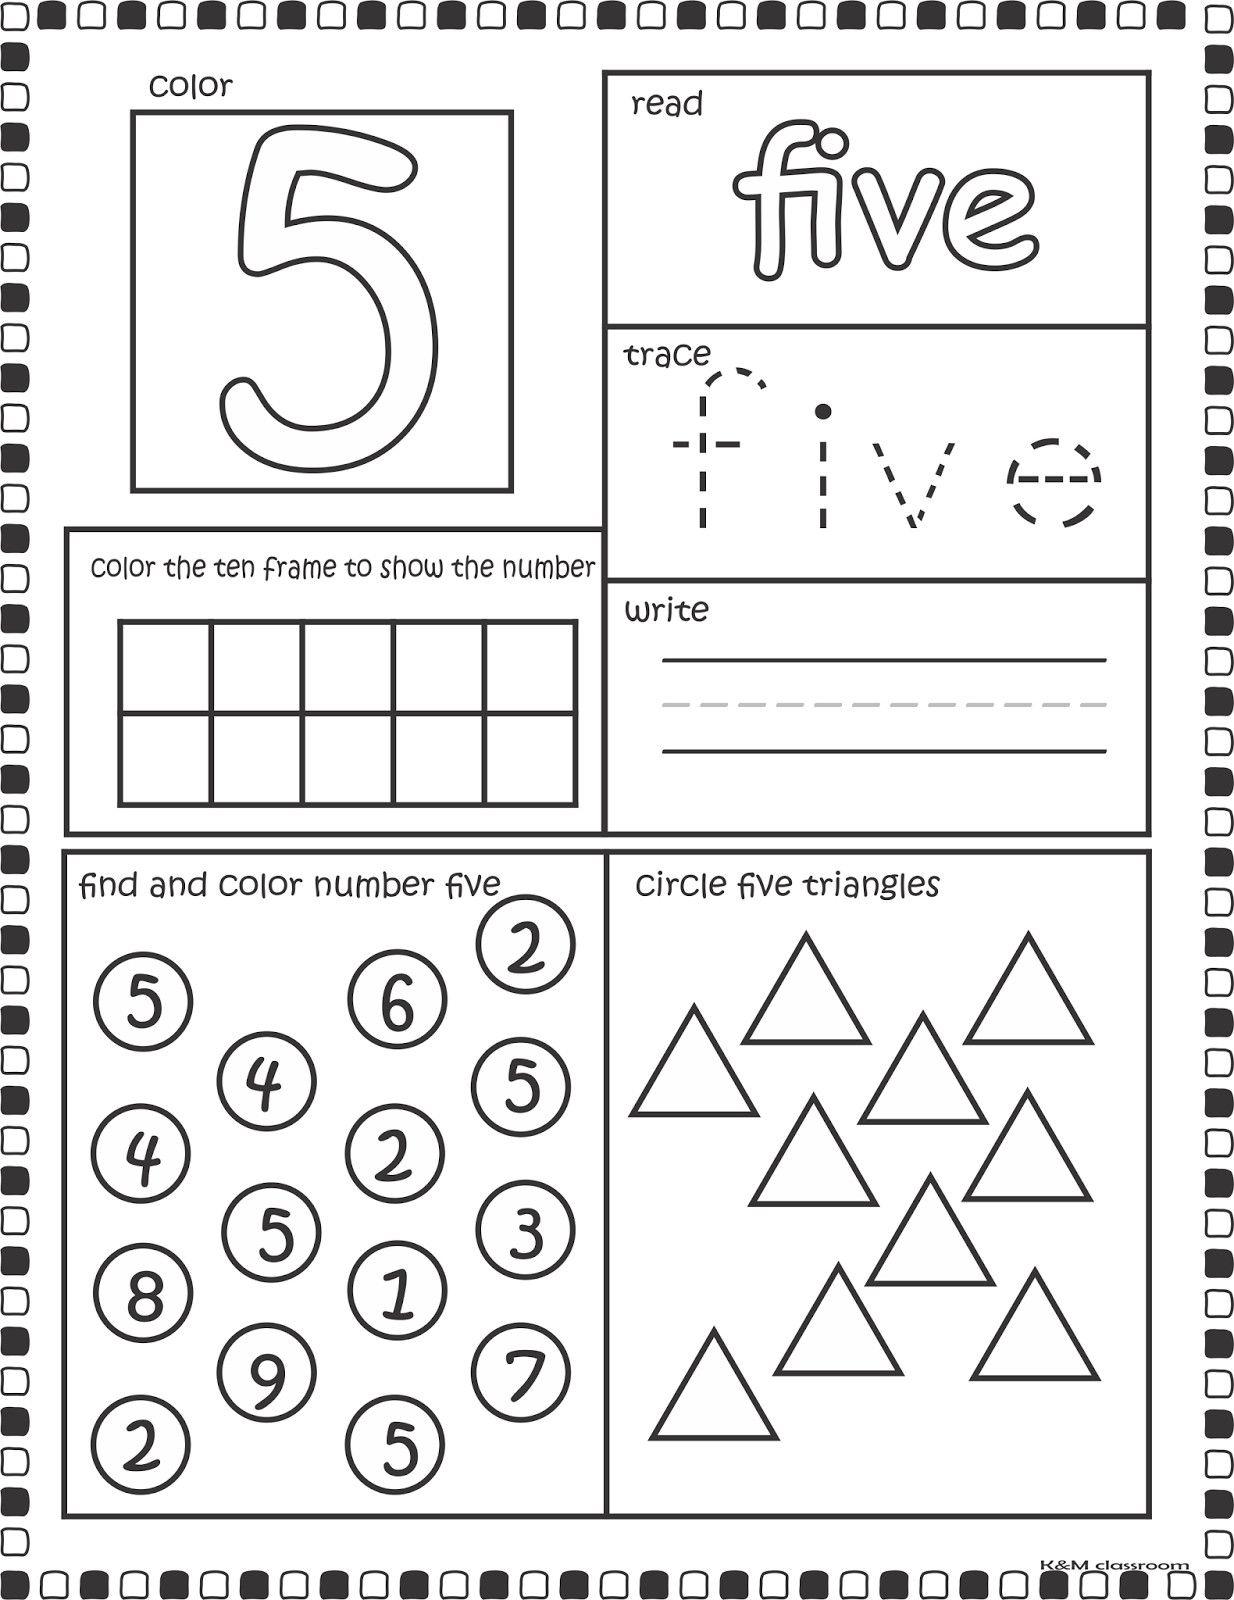 6 Addition Worksheets 0 10 Ukg In 2020 Addition Worksheets Preschool Math Worksheets Learning Worksheets